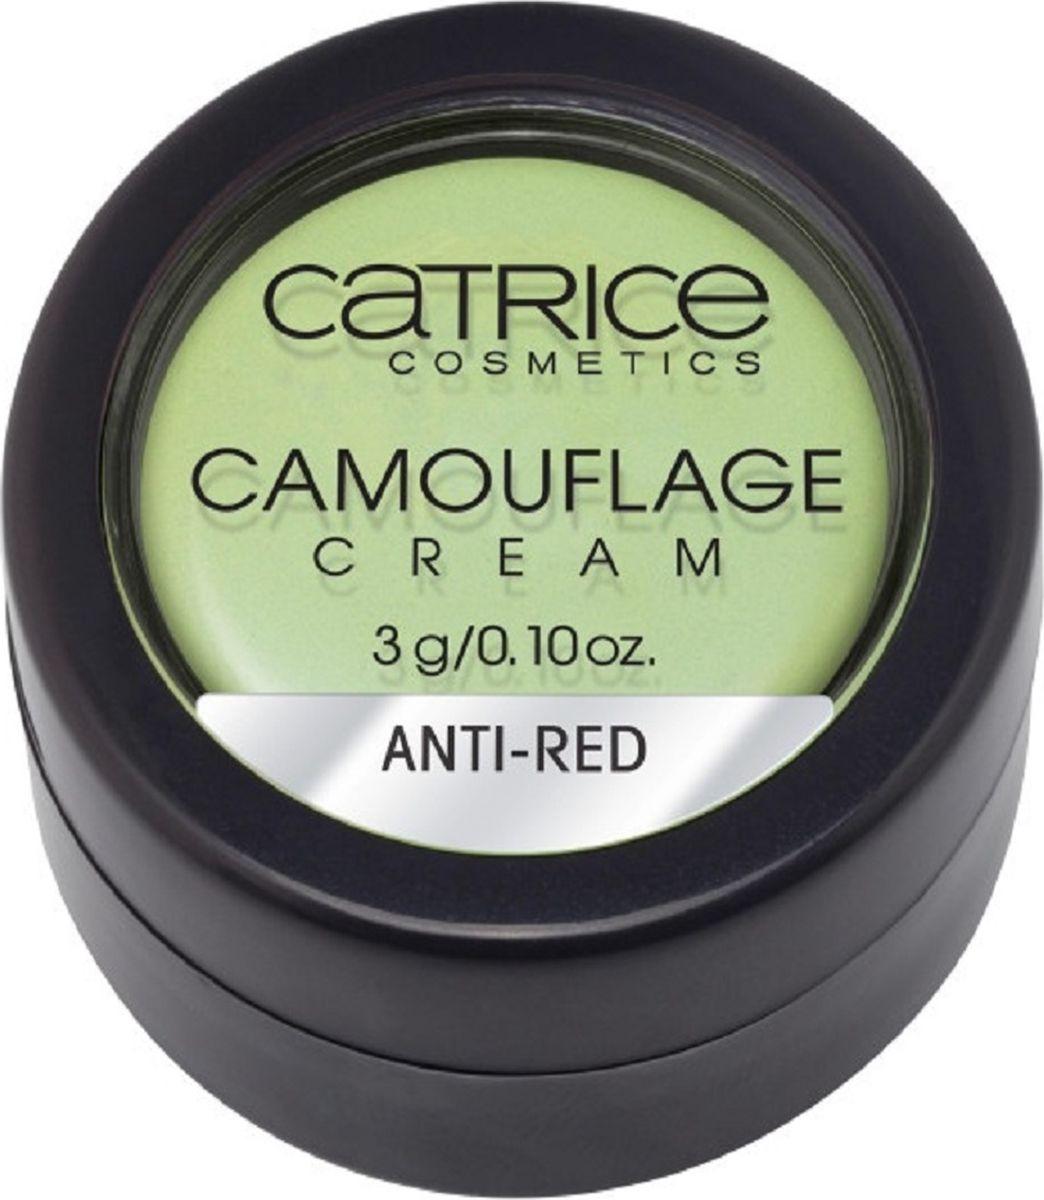 Catrice Консилер Camouflage Cream Anti-Red, 14 гHX9352/04Матовый корректор Camouflage Cream нейтрализует и перекрывает любые совершенства кожи. Стойкая текстура и непревзойденные маскирующие свойства в сочетании с мягкой, легко поддающейся растушевке кремовой текстурой, гарантируют безупречный результат: идеально ровный тон кожи без видимых недостатков.